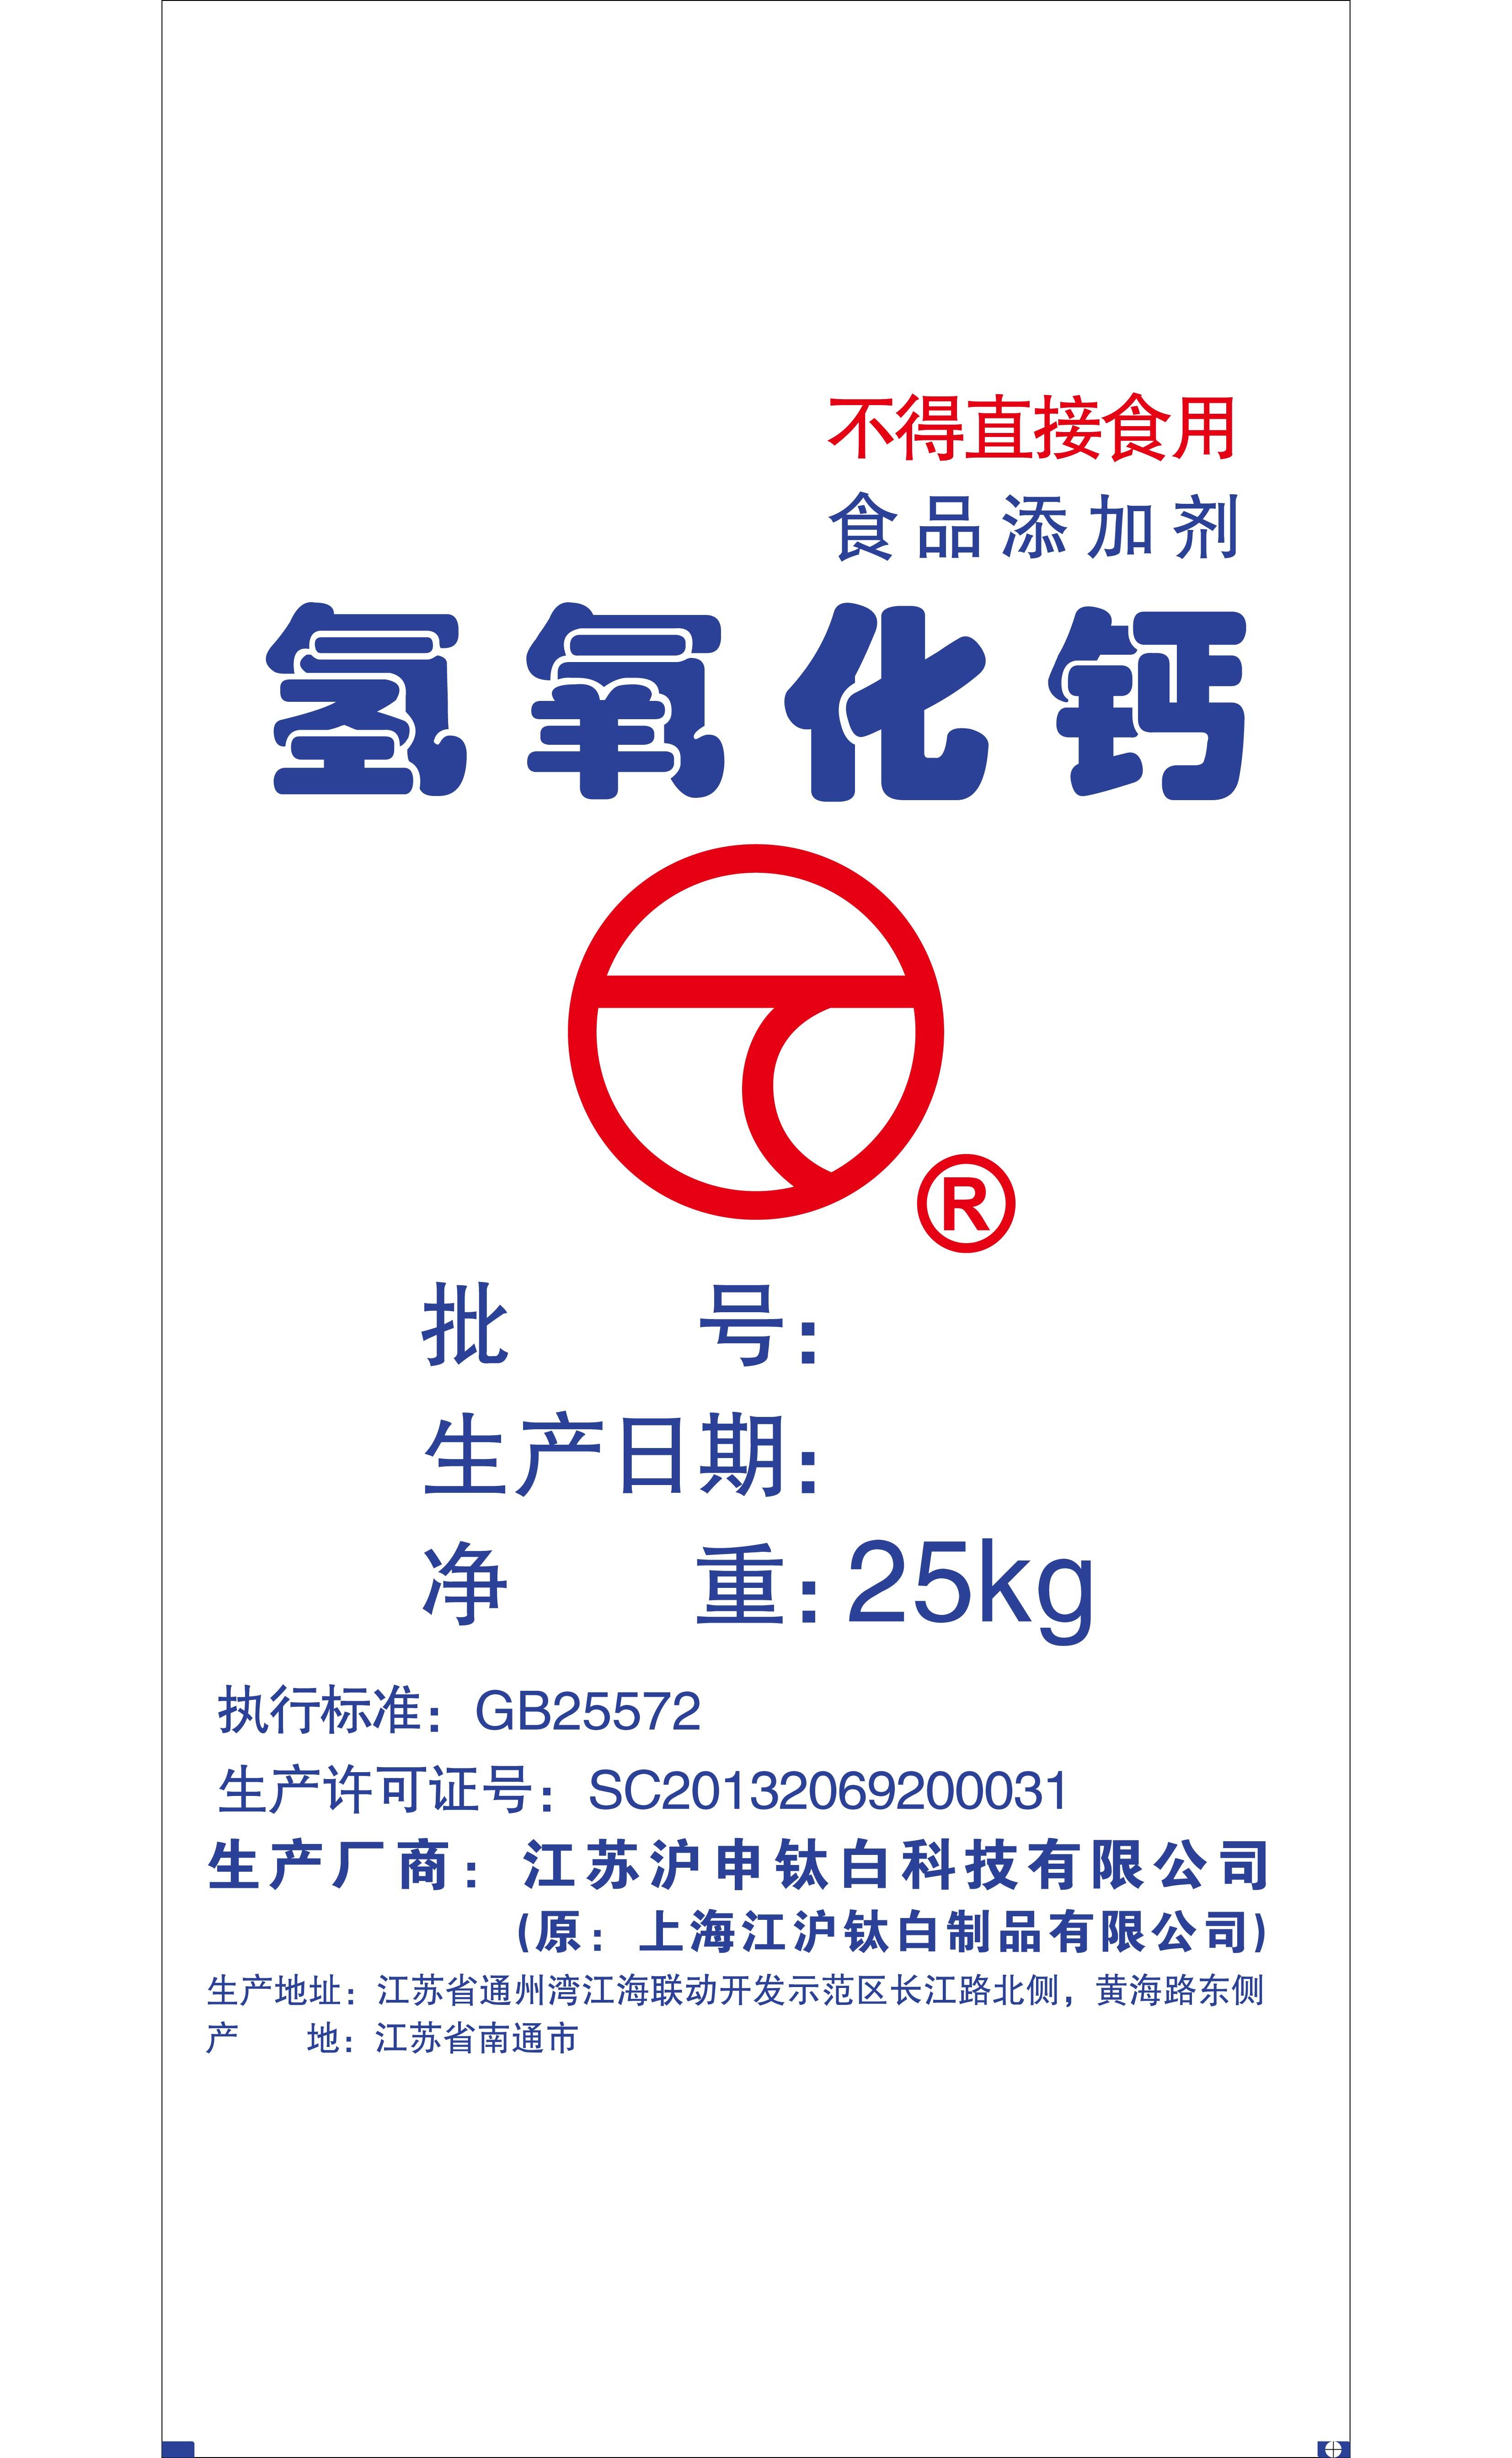 氢氧化钙包装印板.jpg